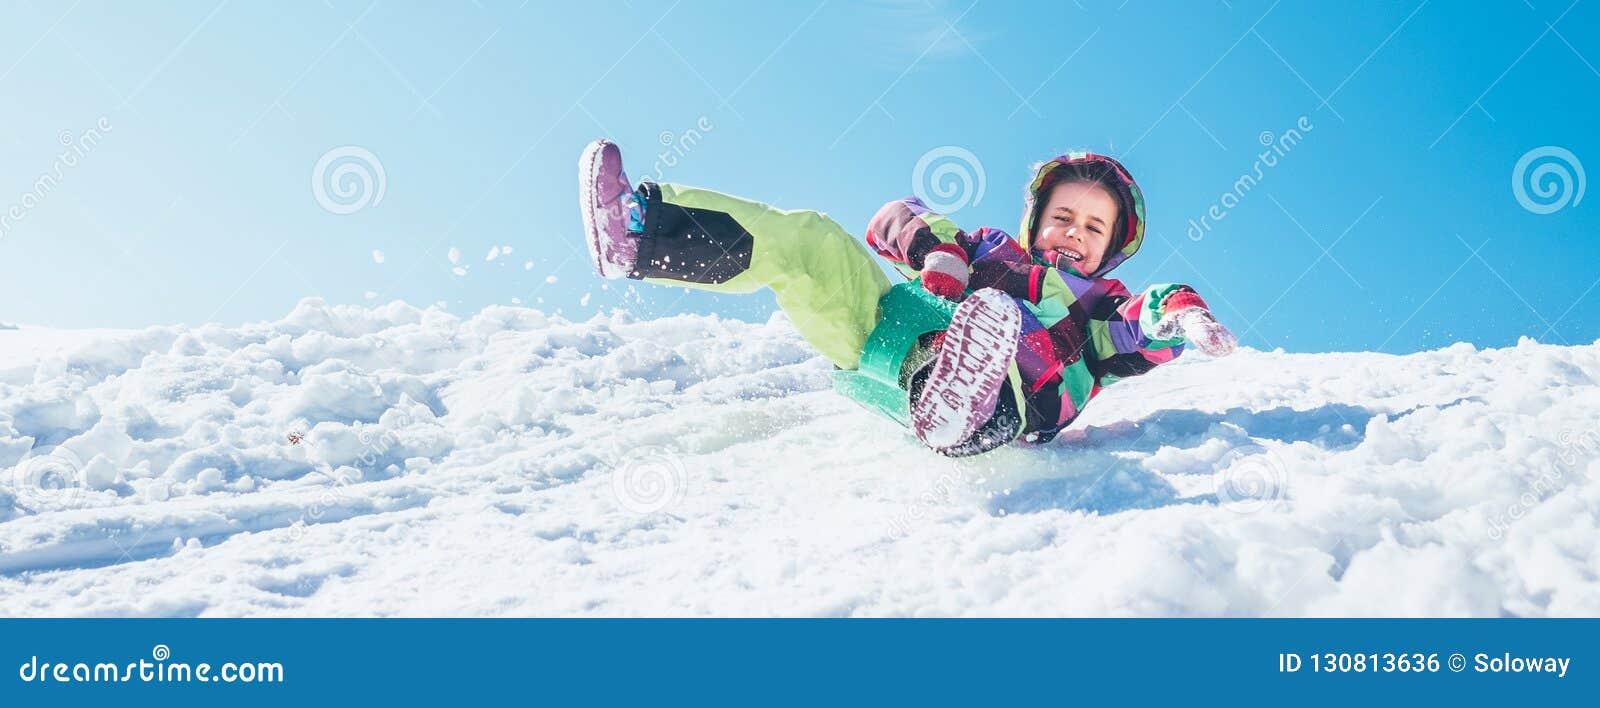 Pouco menina feliz desliza para baixo da inclinação da neve com céu azul